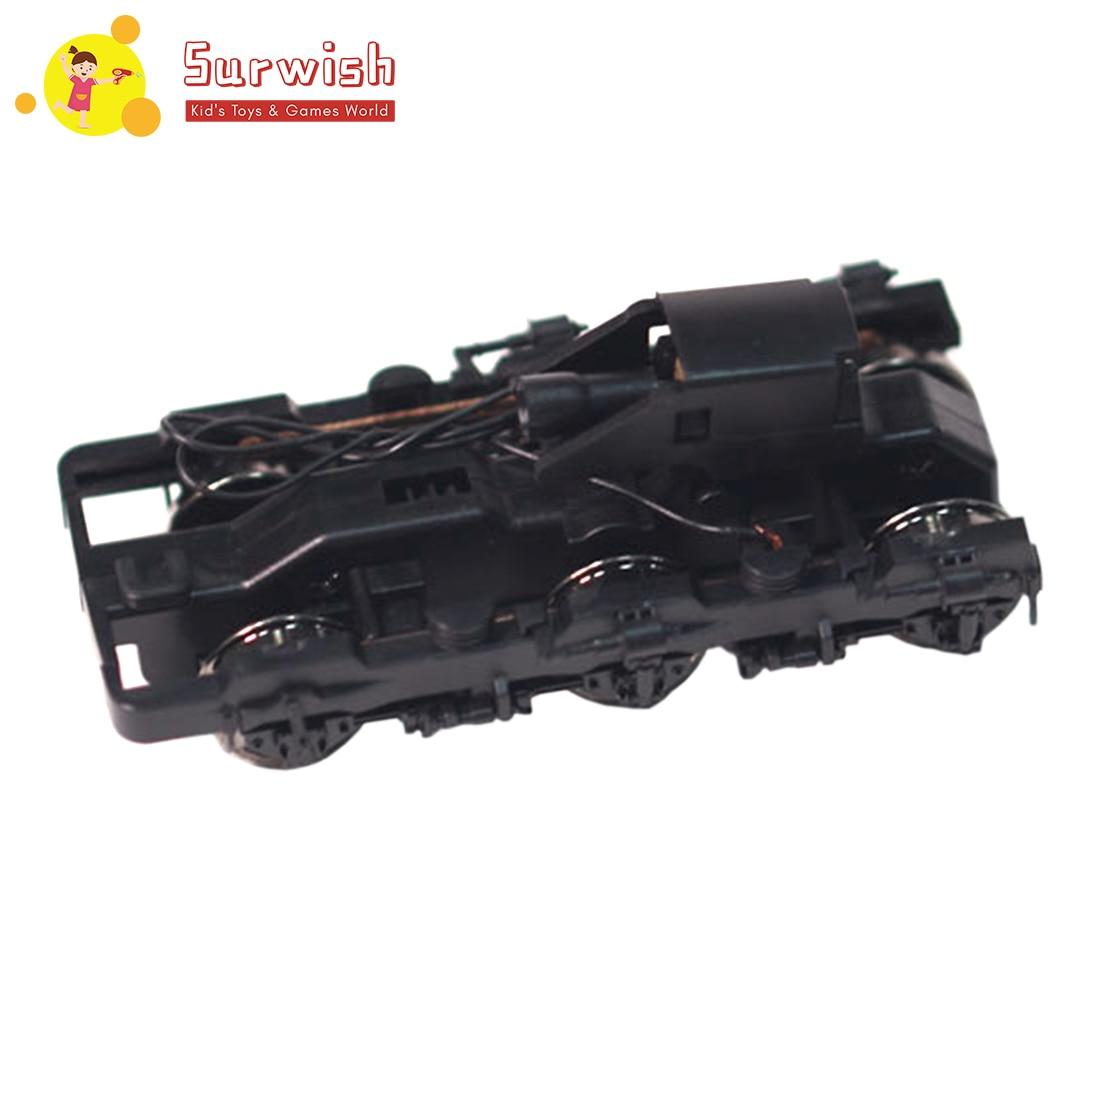 Surwish 2,8X6,8 cm 187 Ho escala Railway Layou Undercarriage Bogie para la mayoría de los modelos de tren de escala Ho Kits de construcción caliente